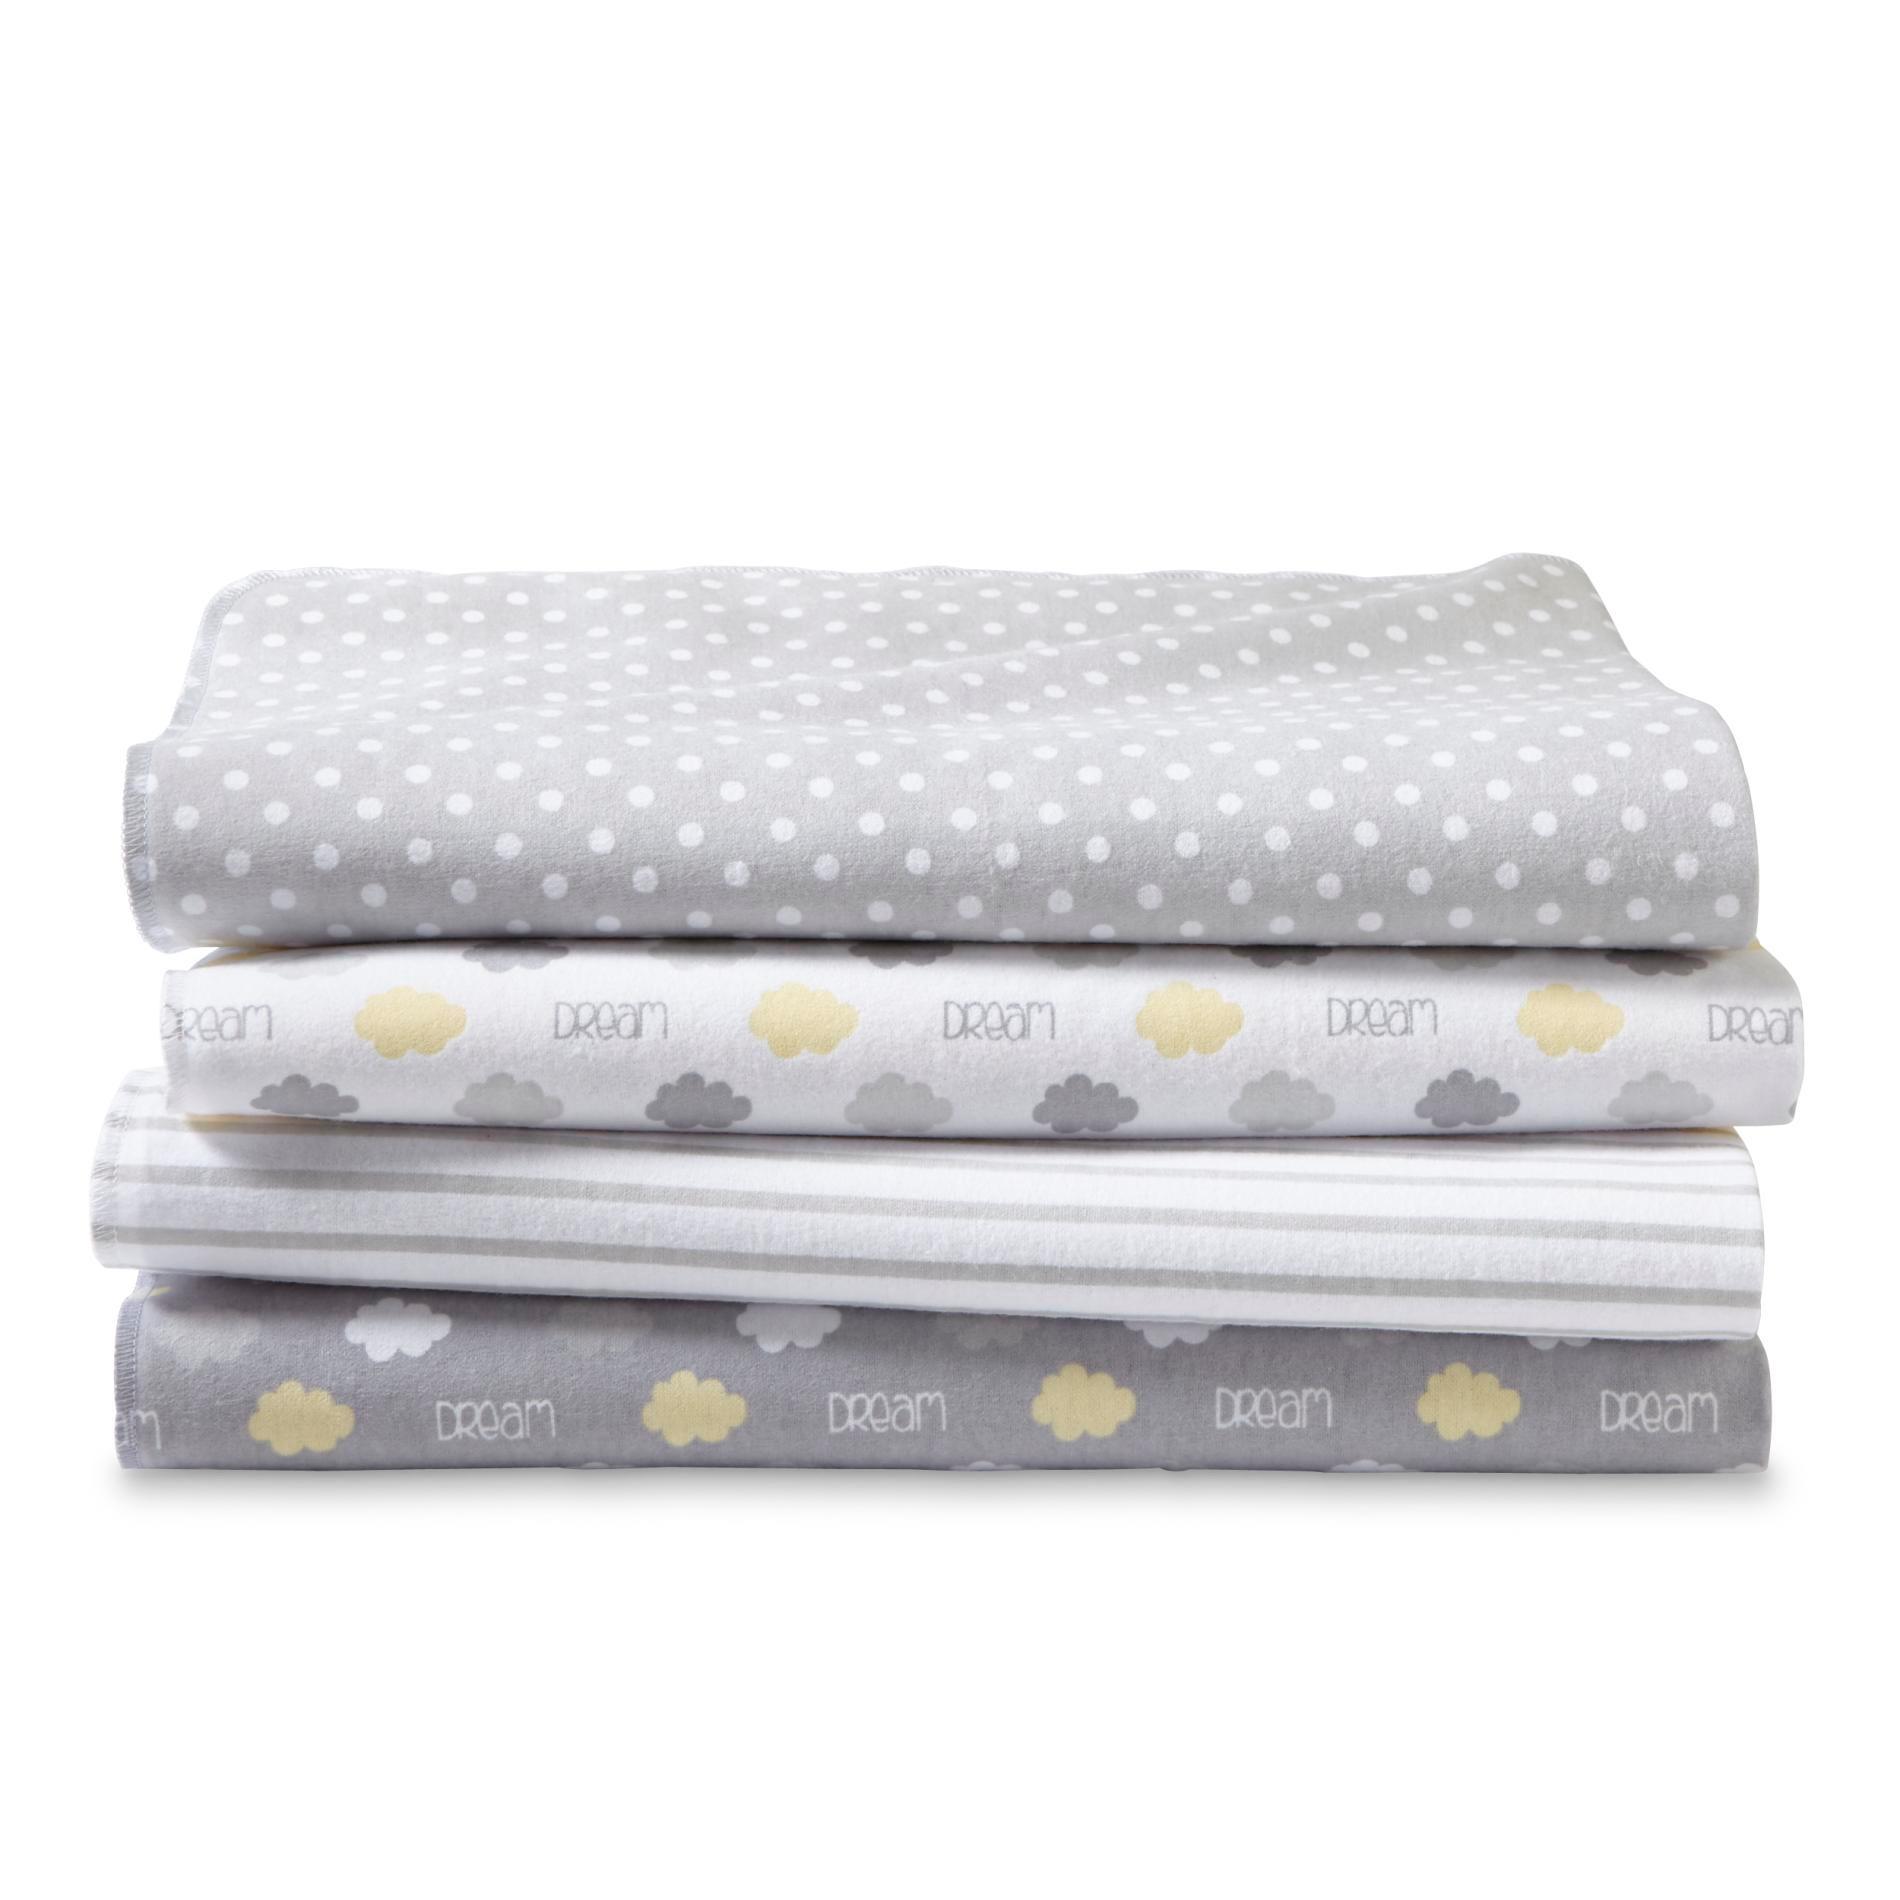 Cuddletime Infants' 4-Pack Receiving Blankets - Polka Dot